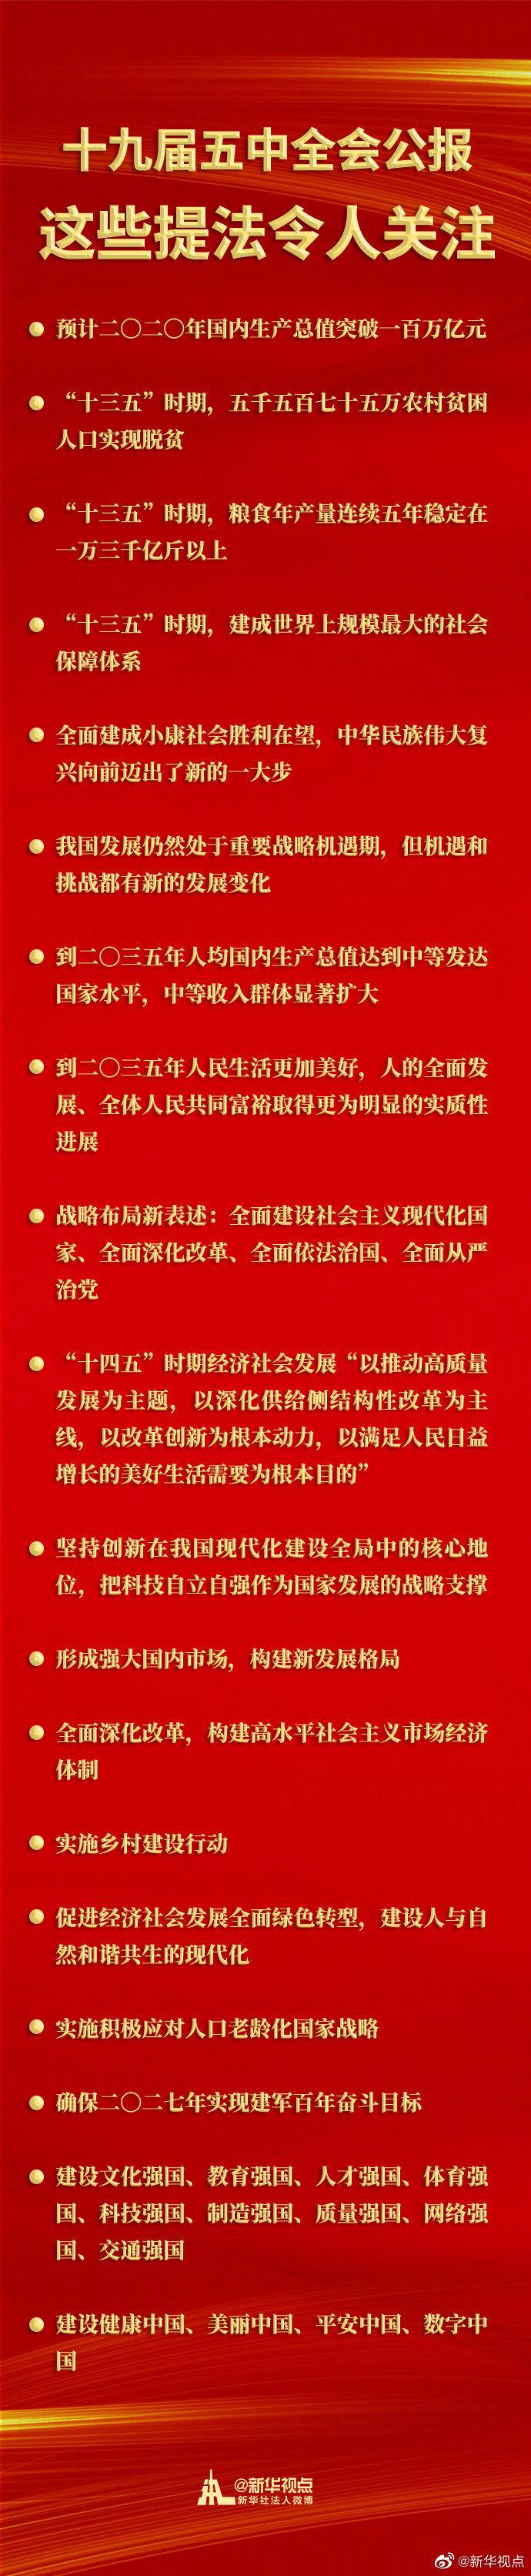 《【恒达在线登录注册】十九届五中全会公报中,这些提法令人关注》